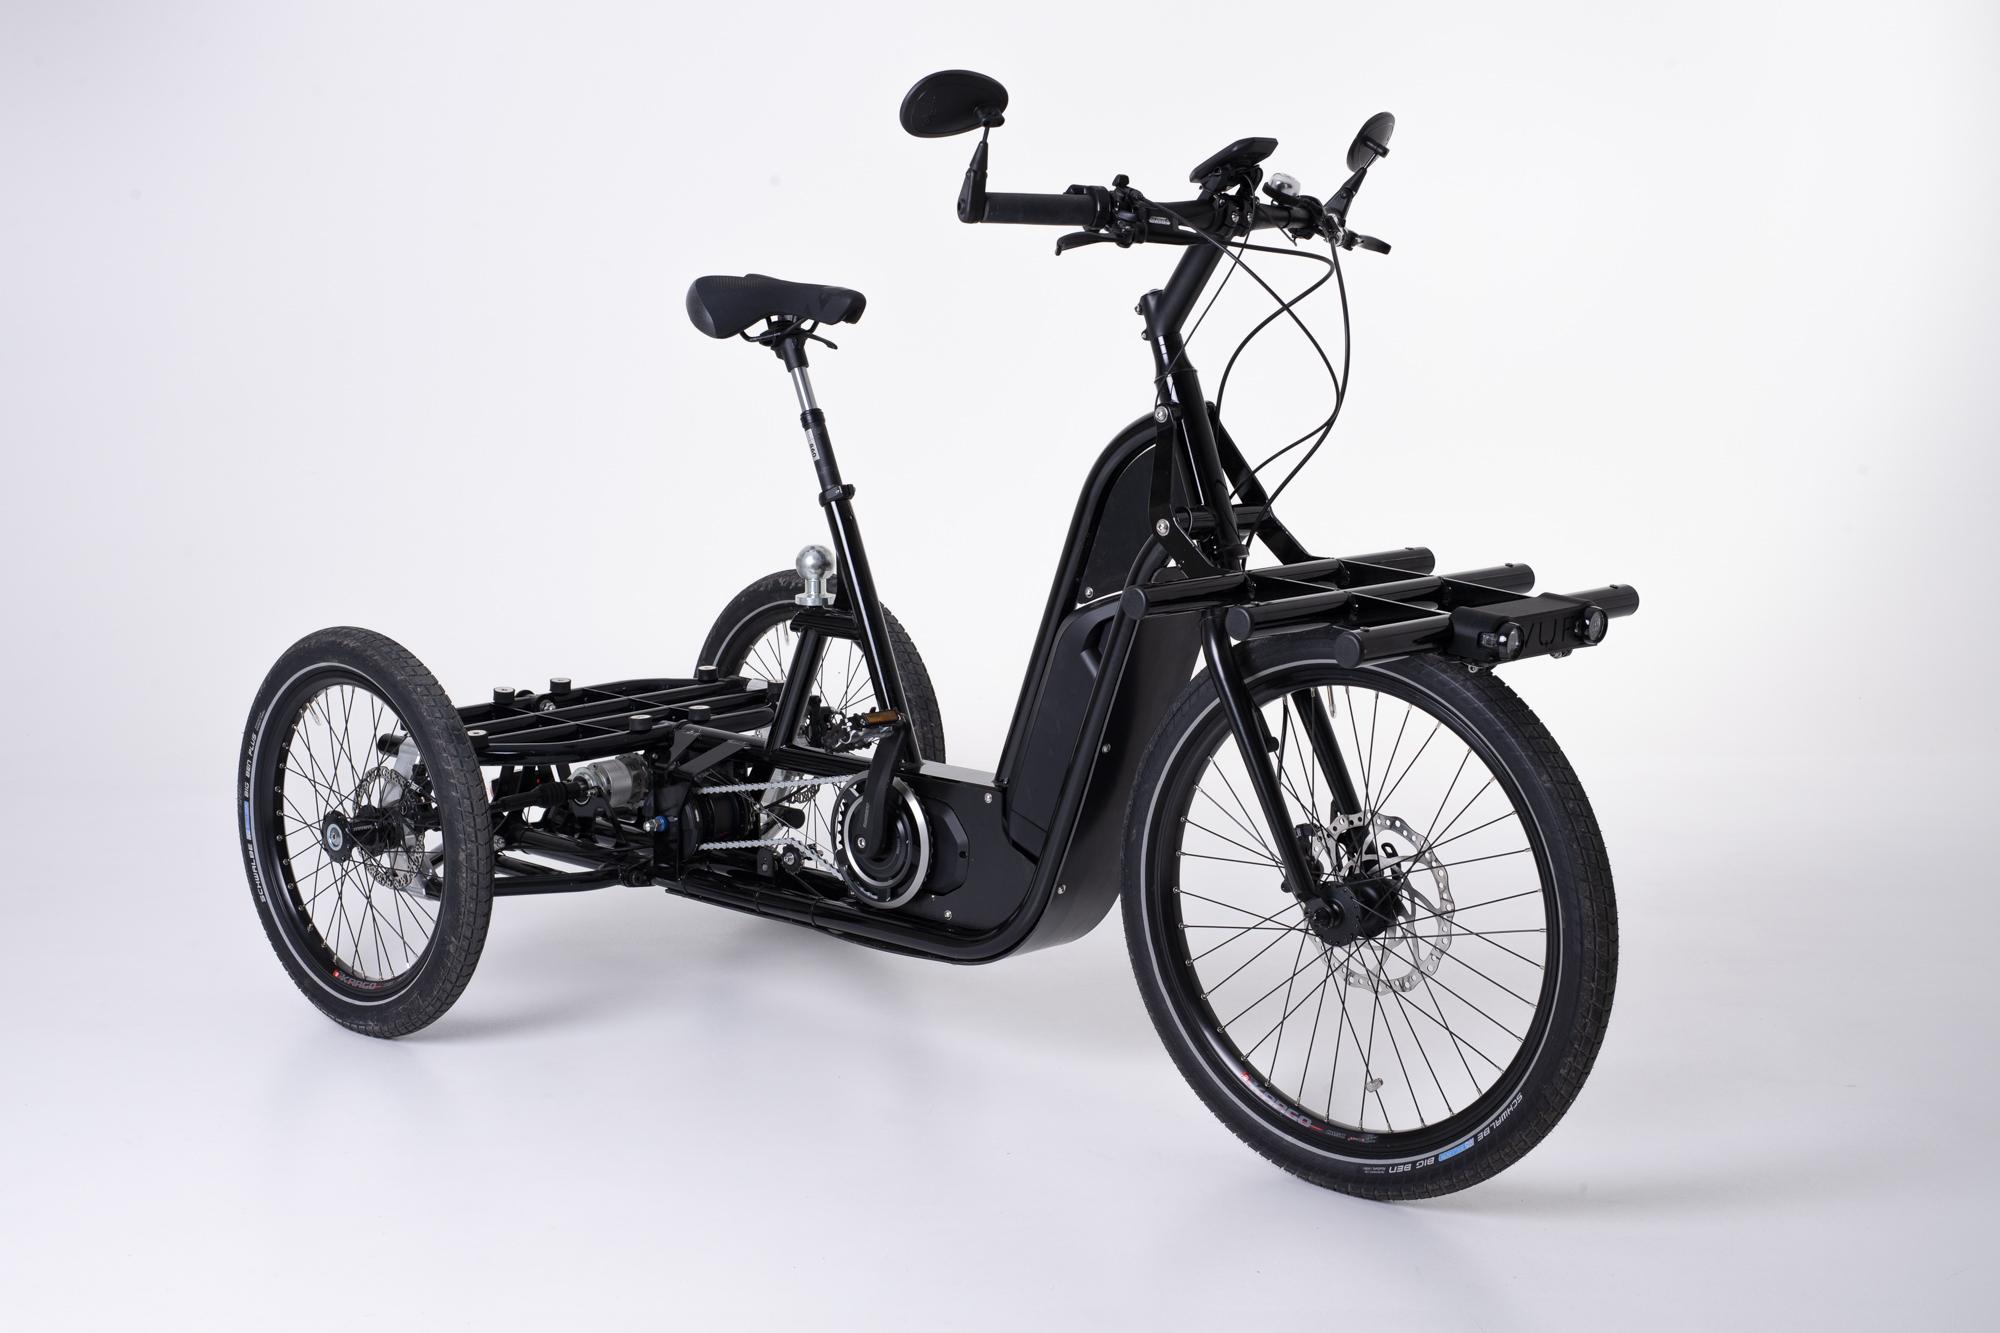 Gallery VUF Bikes 2